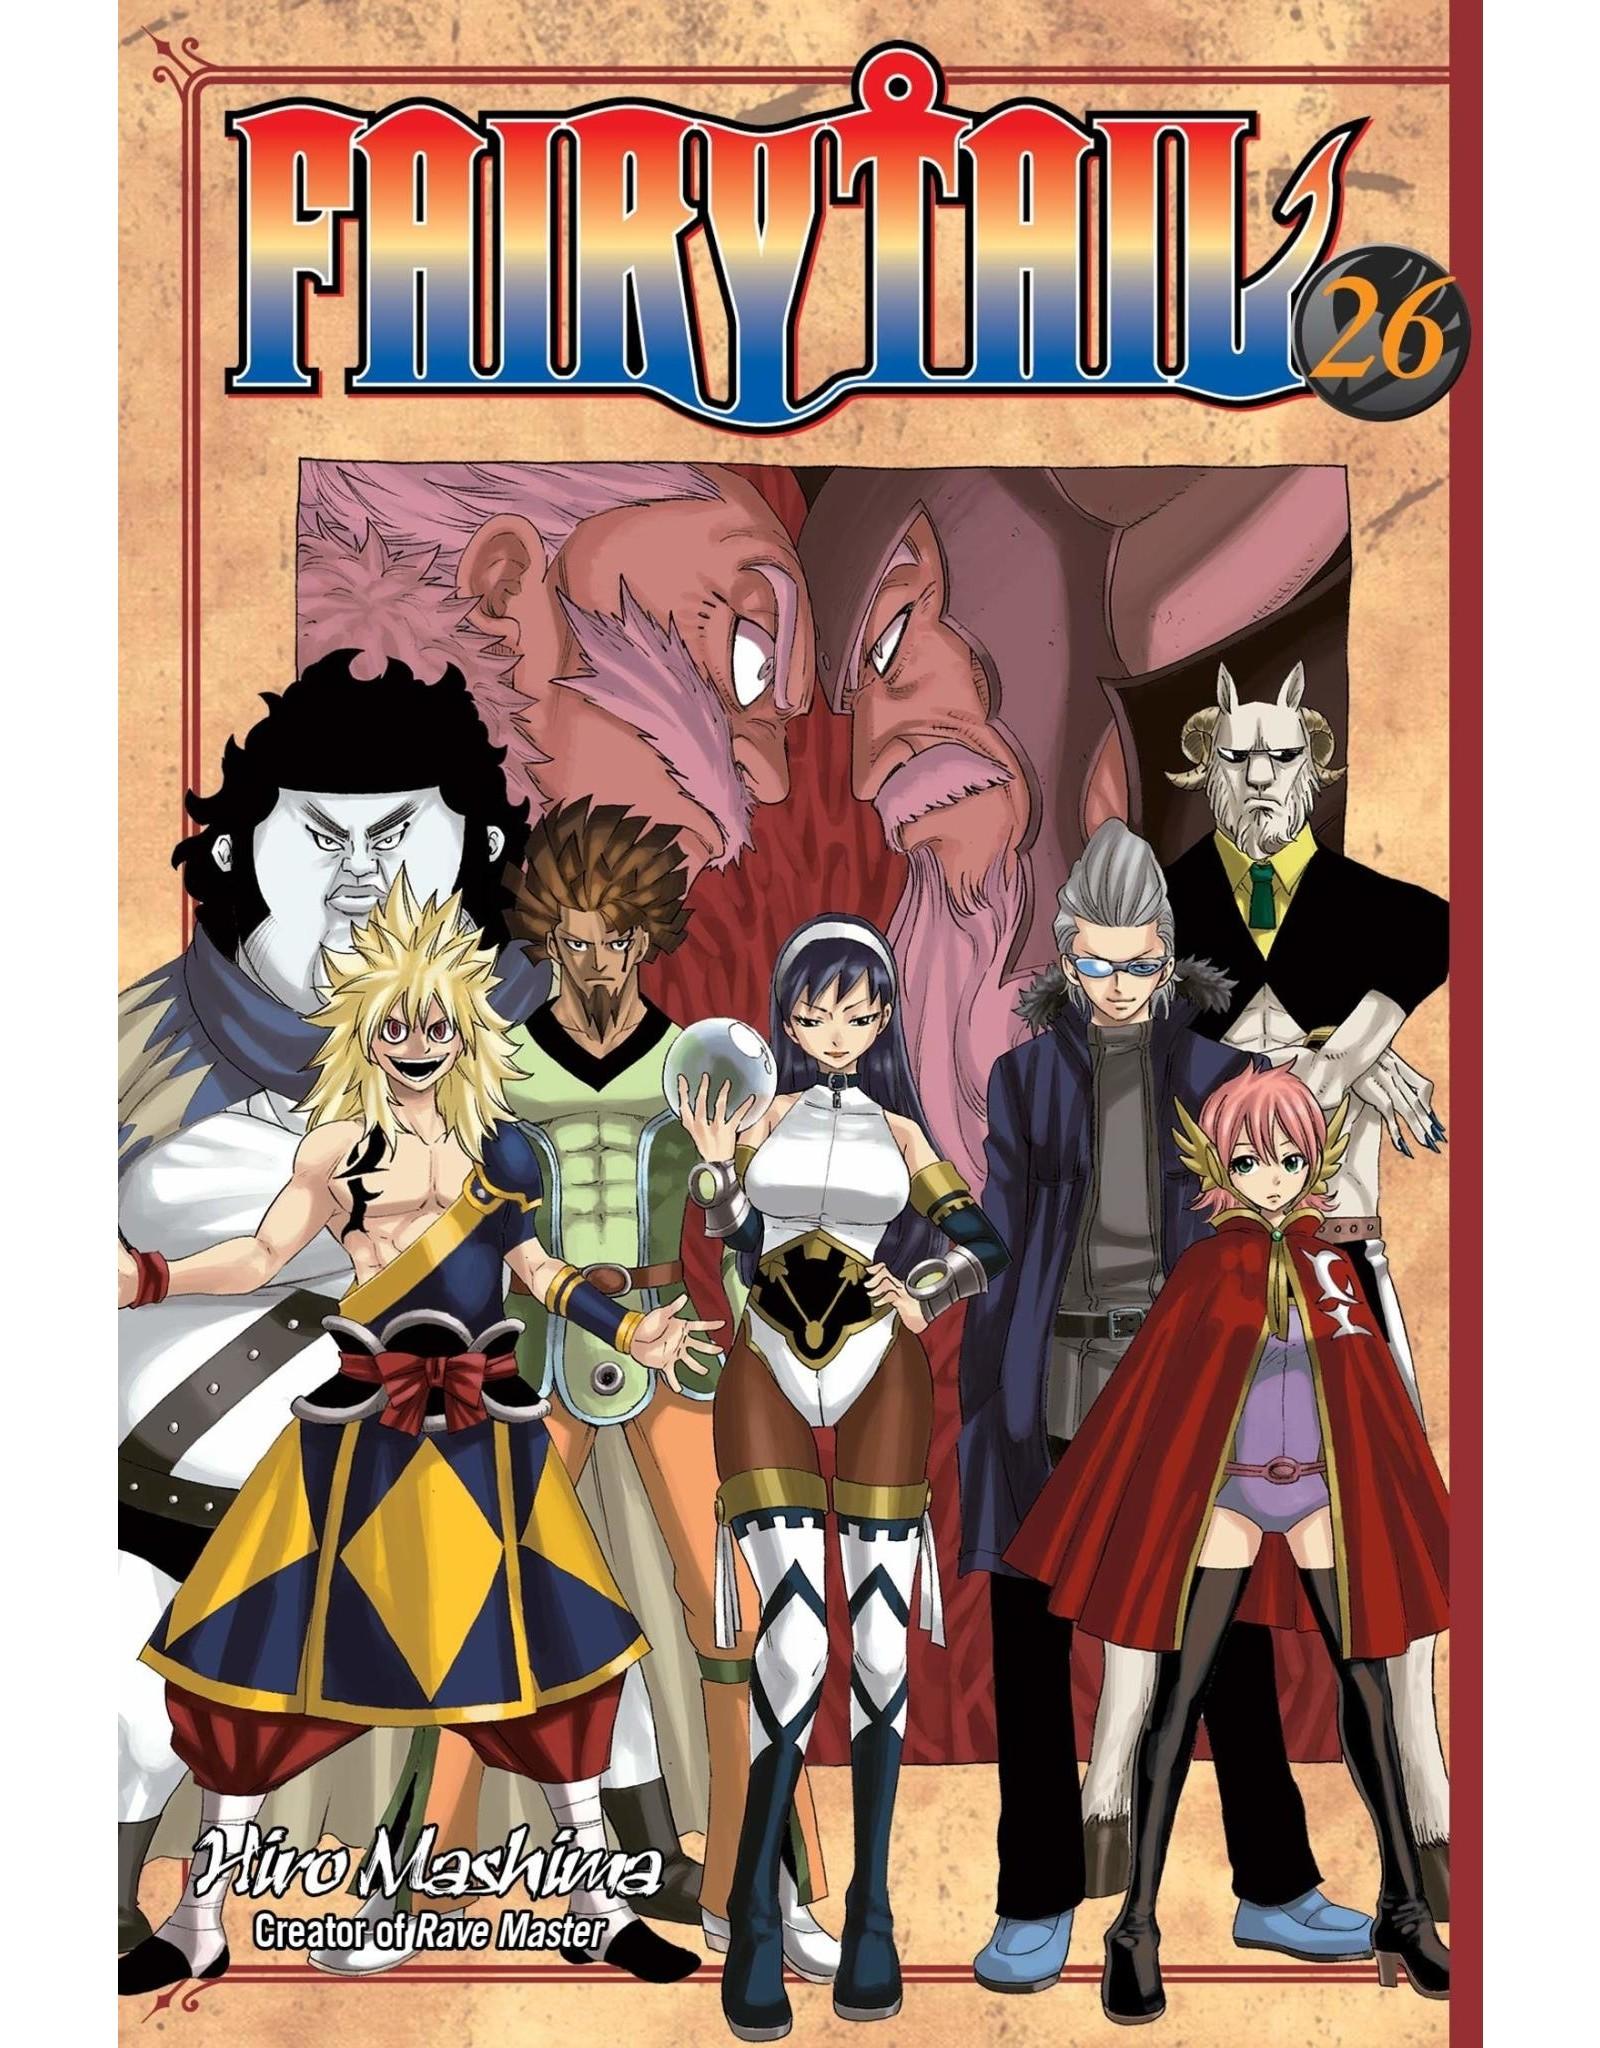 Fairy Tail 26 (Engelstalig) - Manga